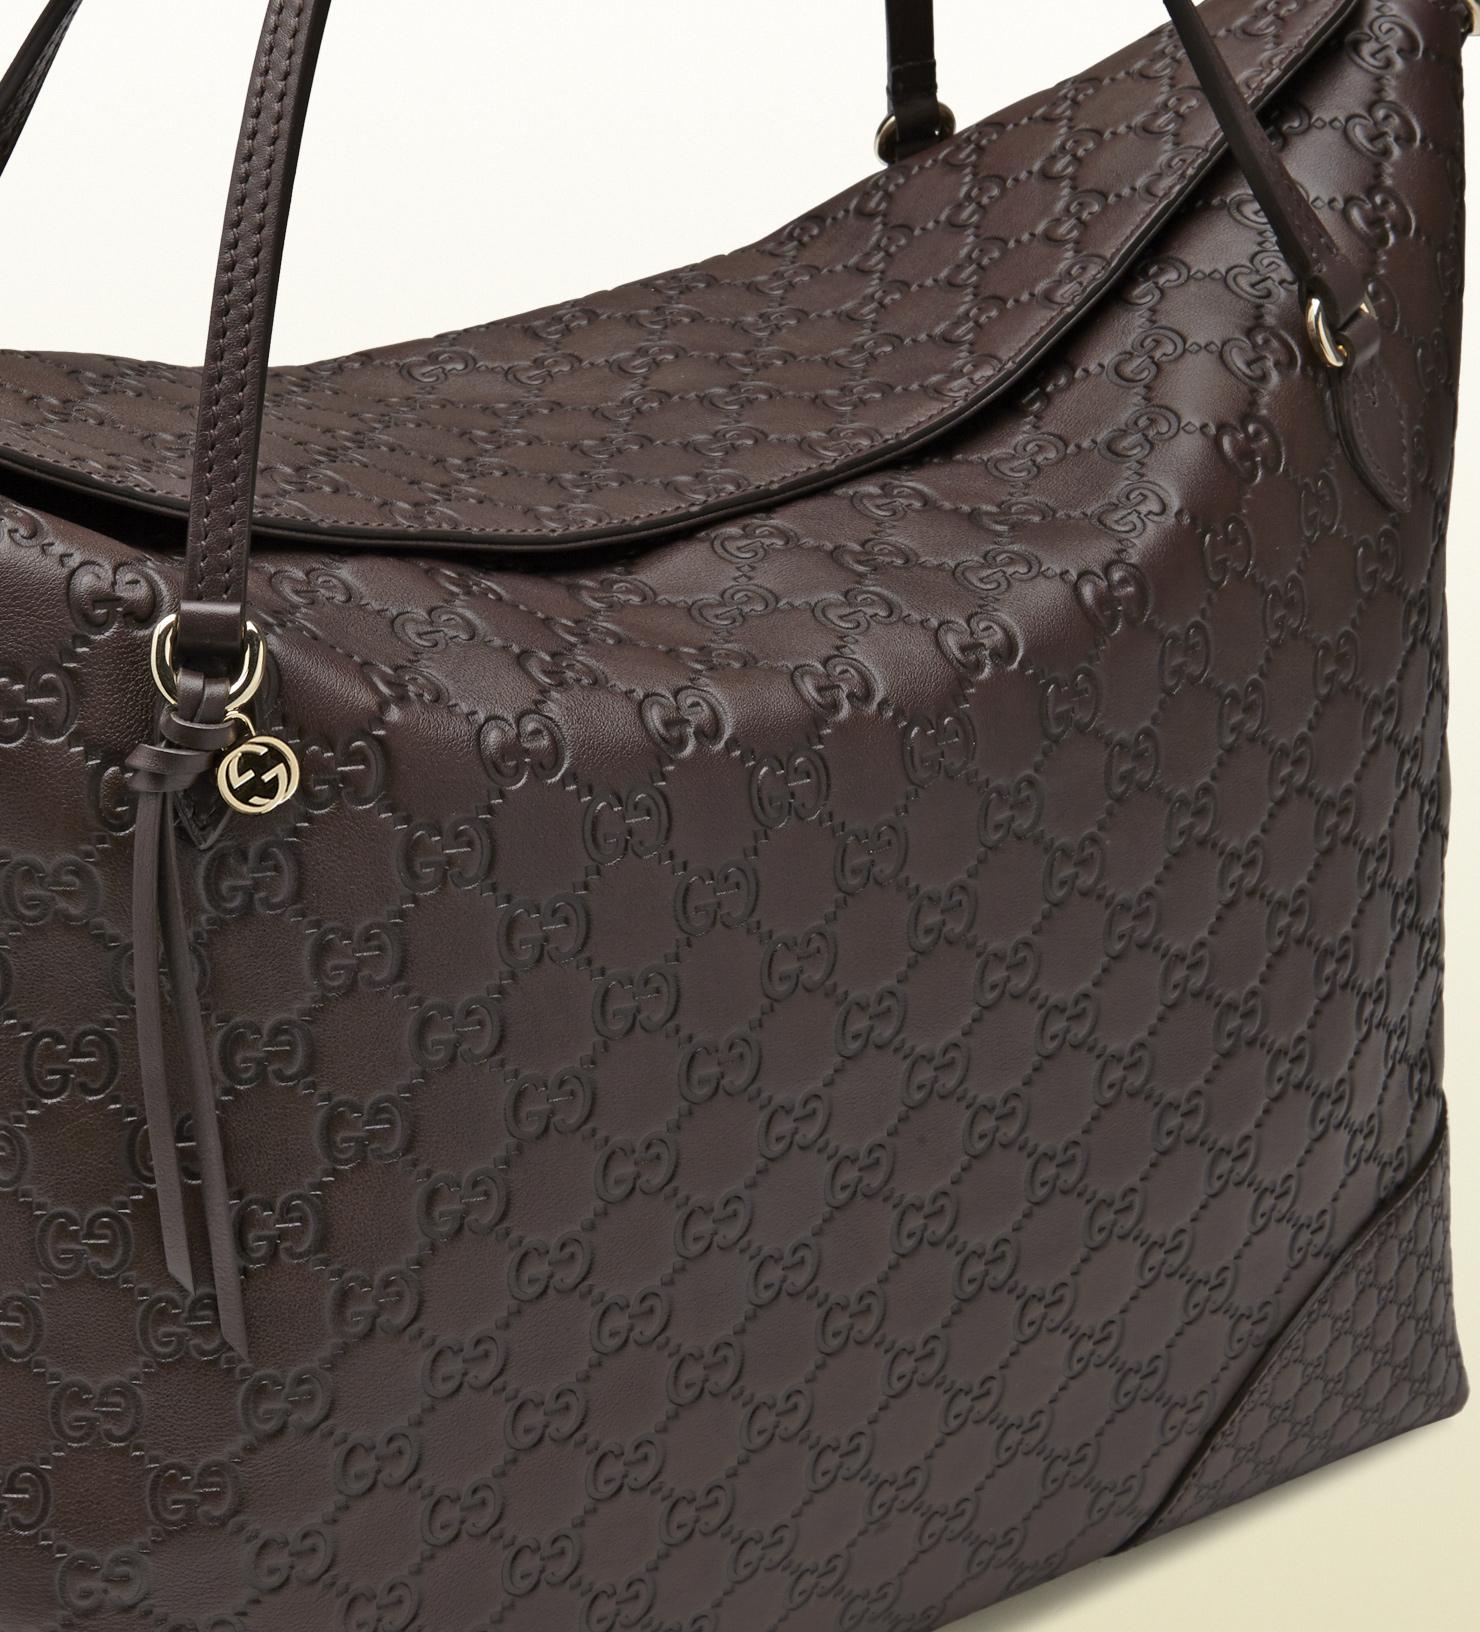 d80e69e0d91 Lyst - Gucci Bree Ssima Leather Tote in Brown